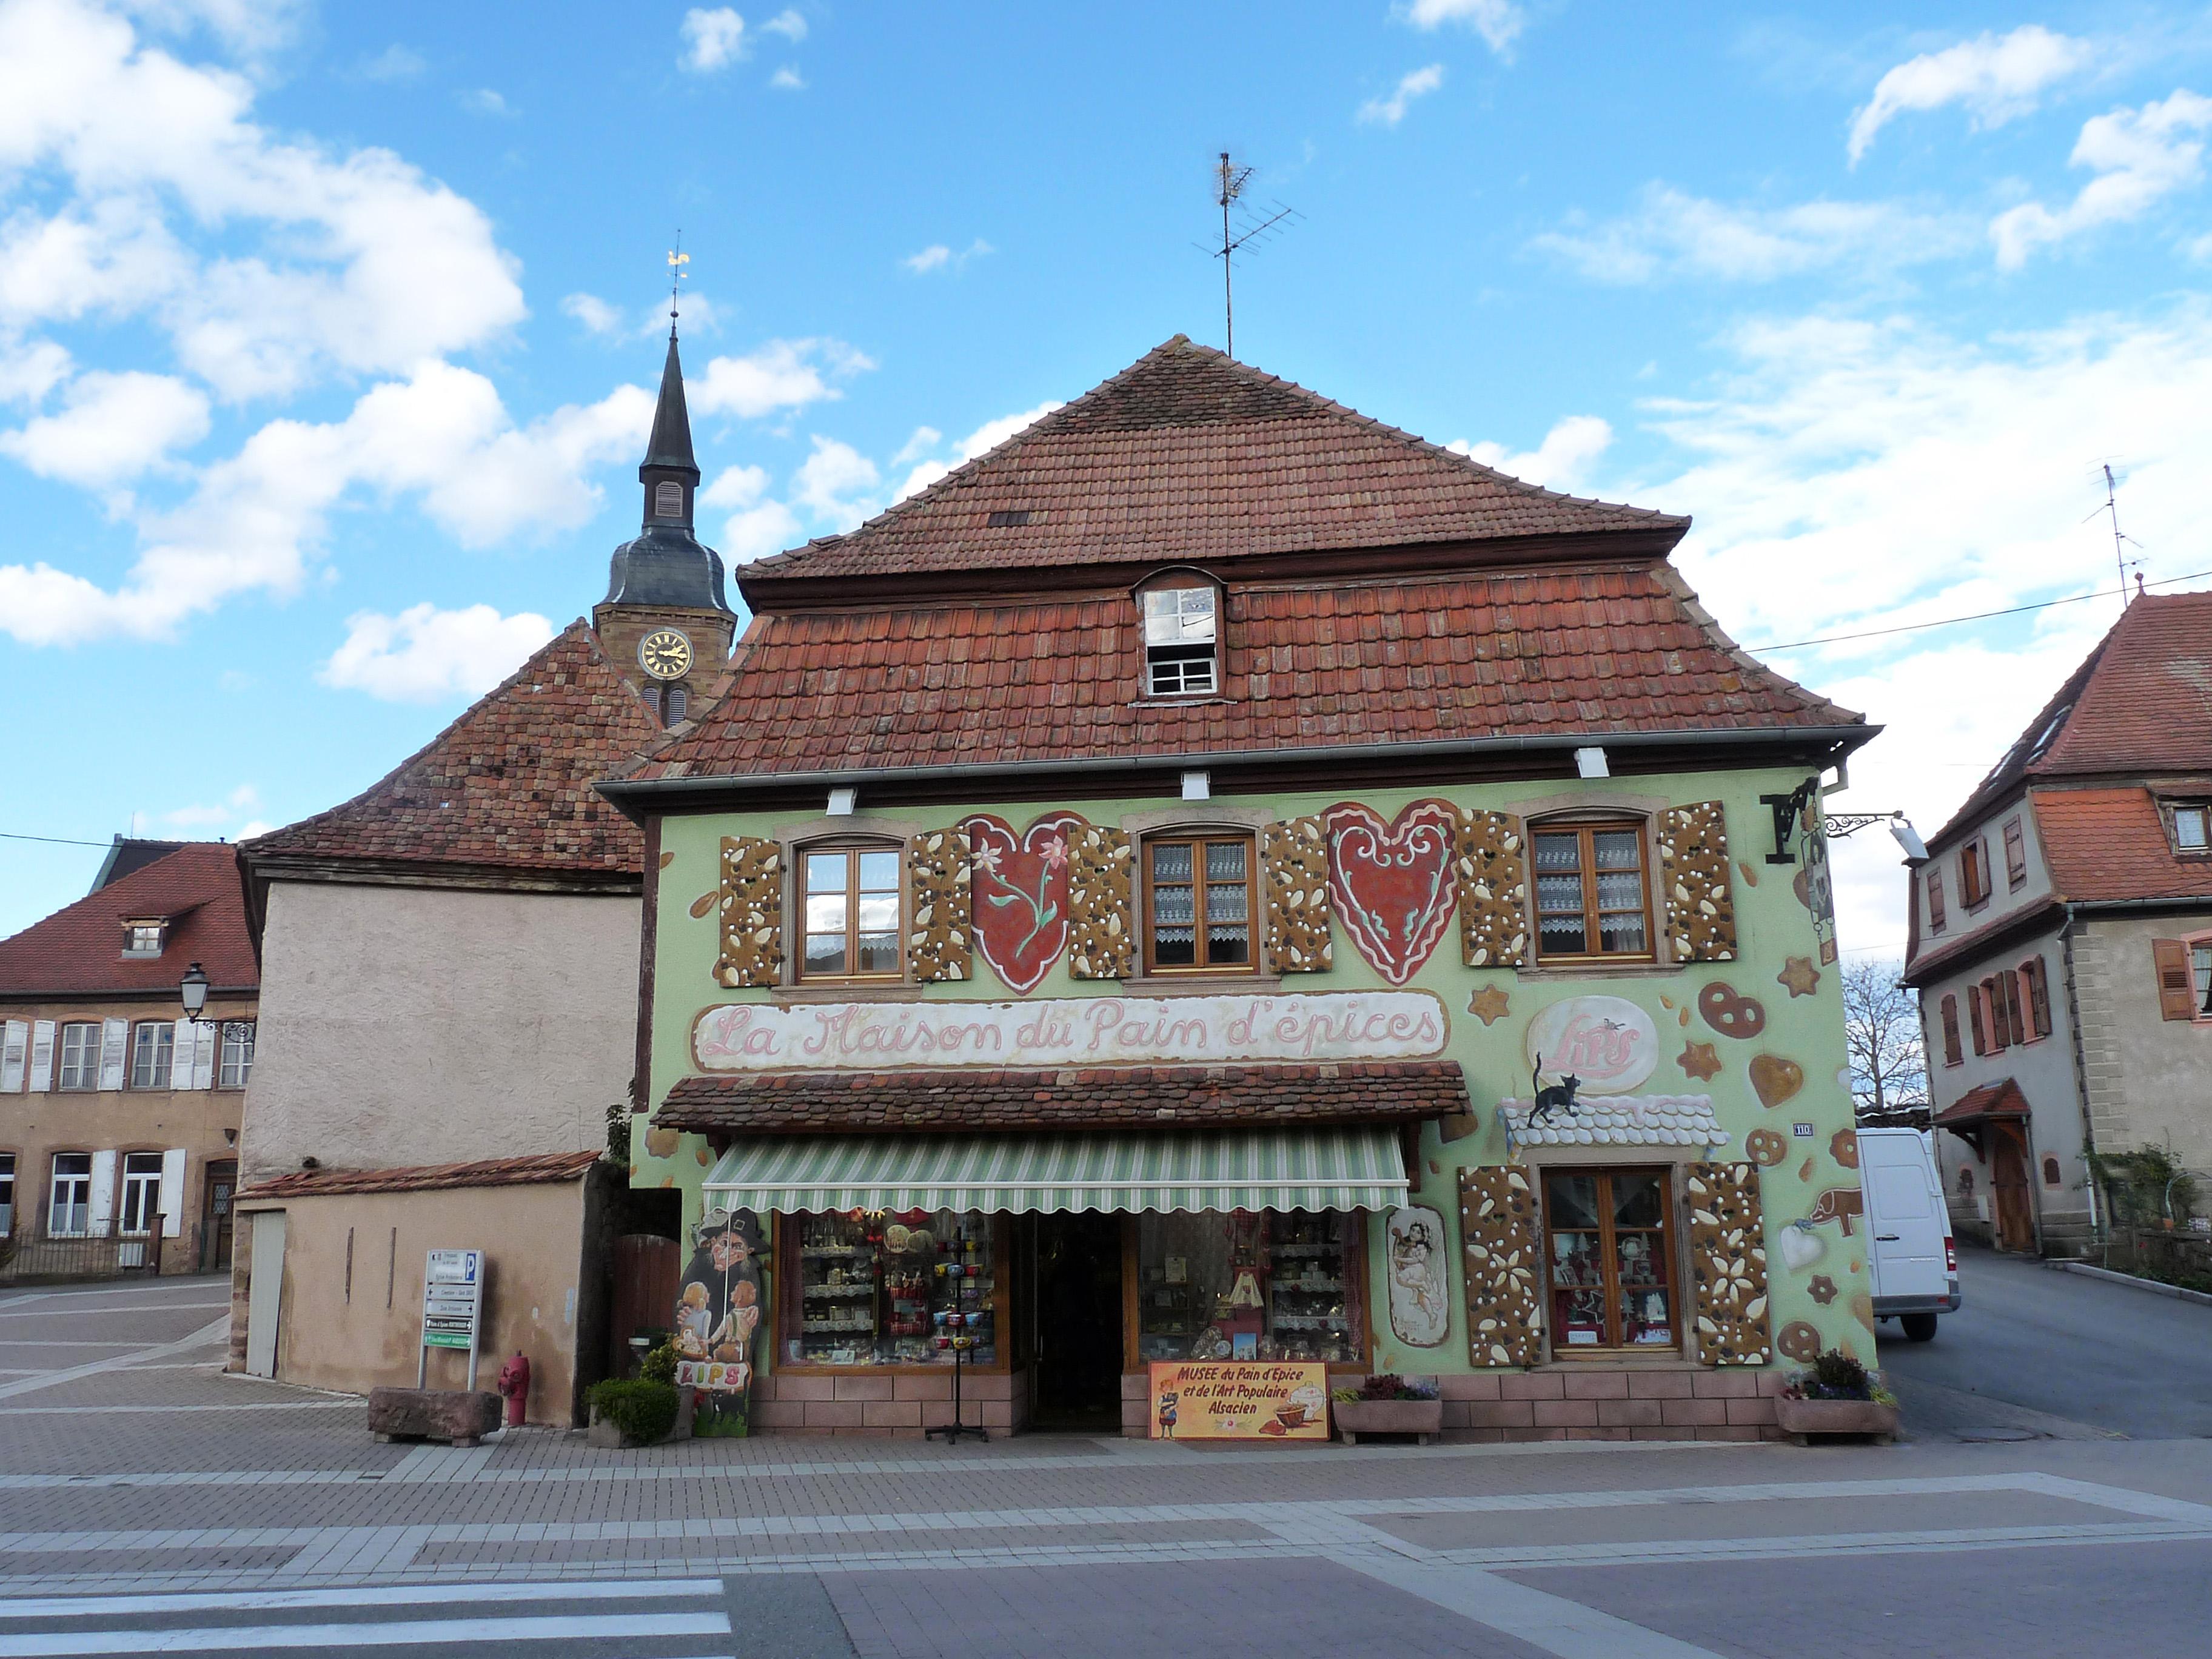 292-gertwiller-maison_du_pain_d'epices-67.jpg